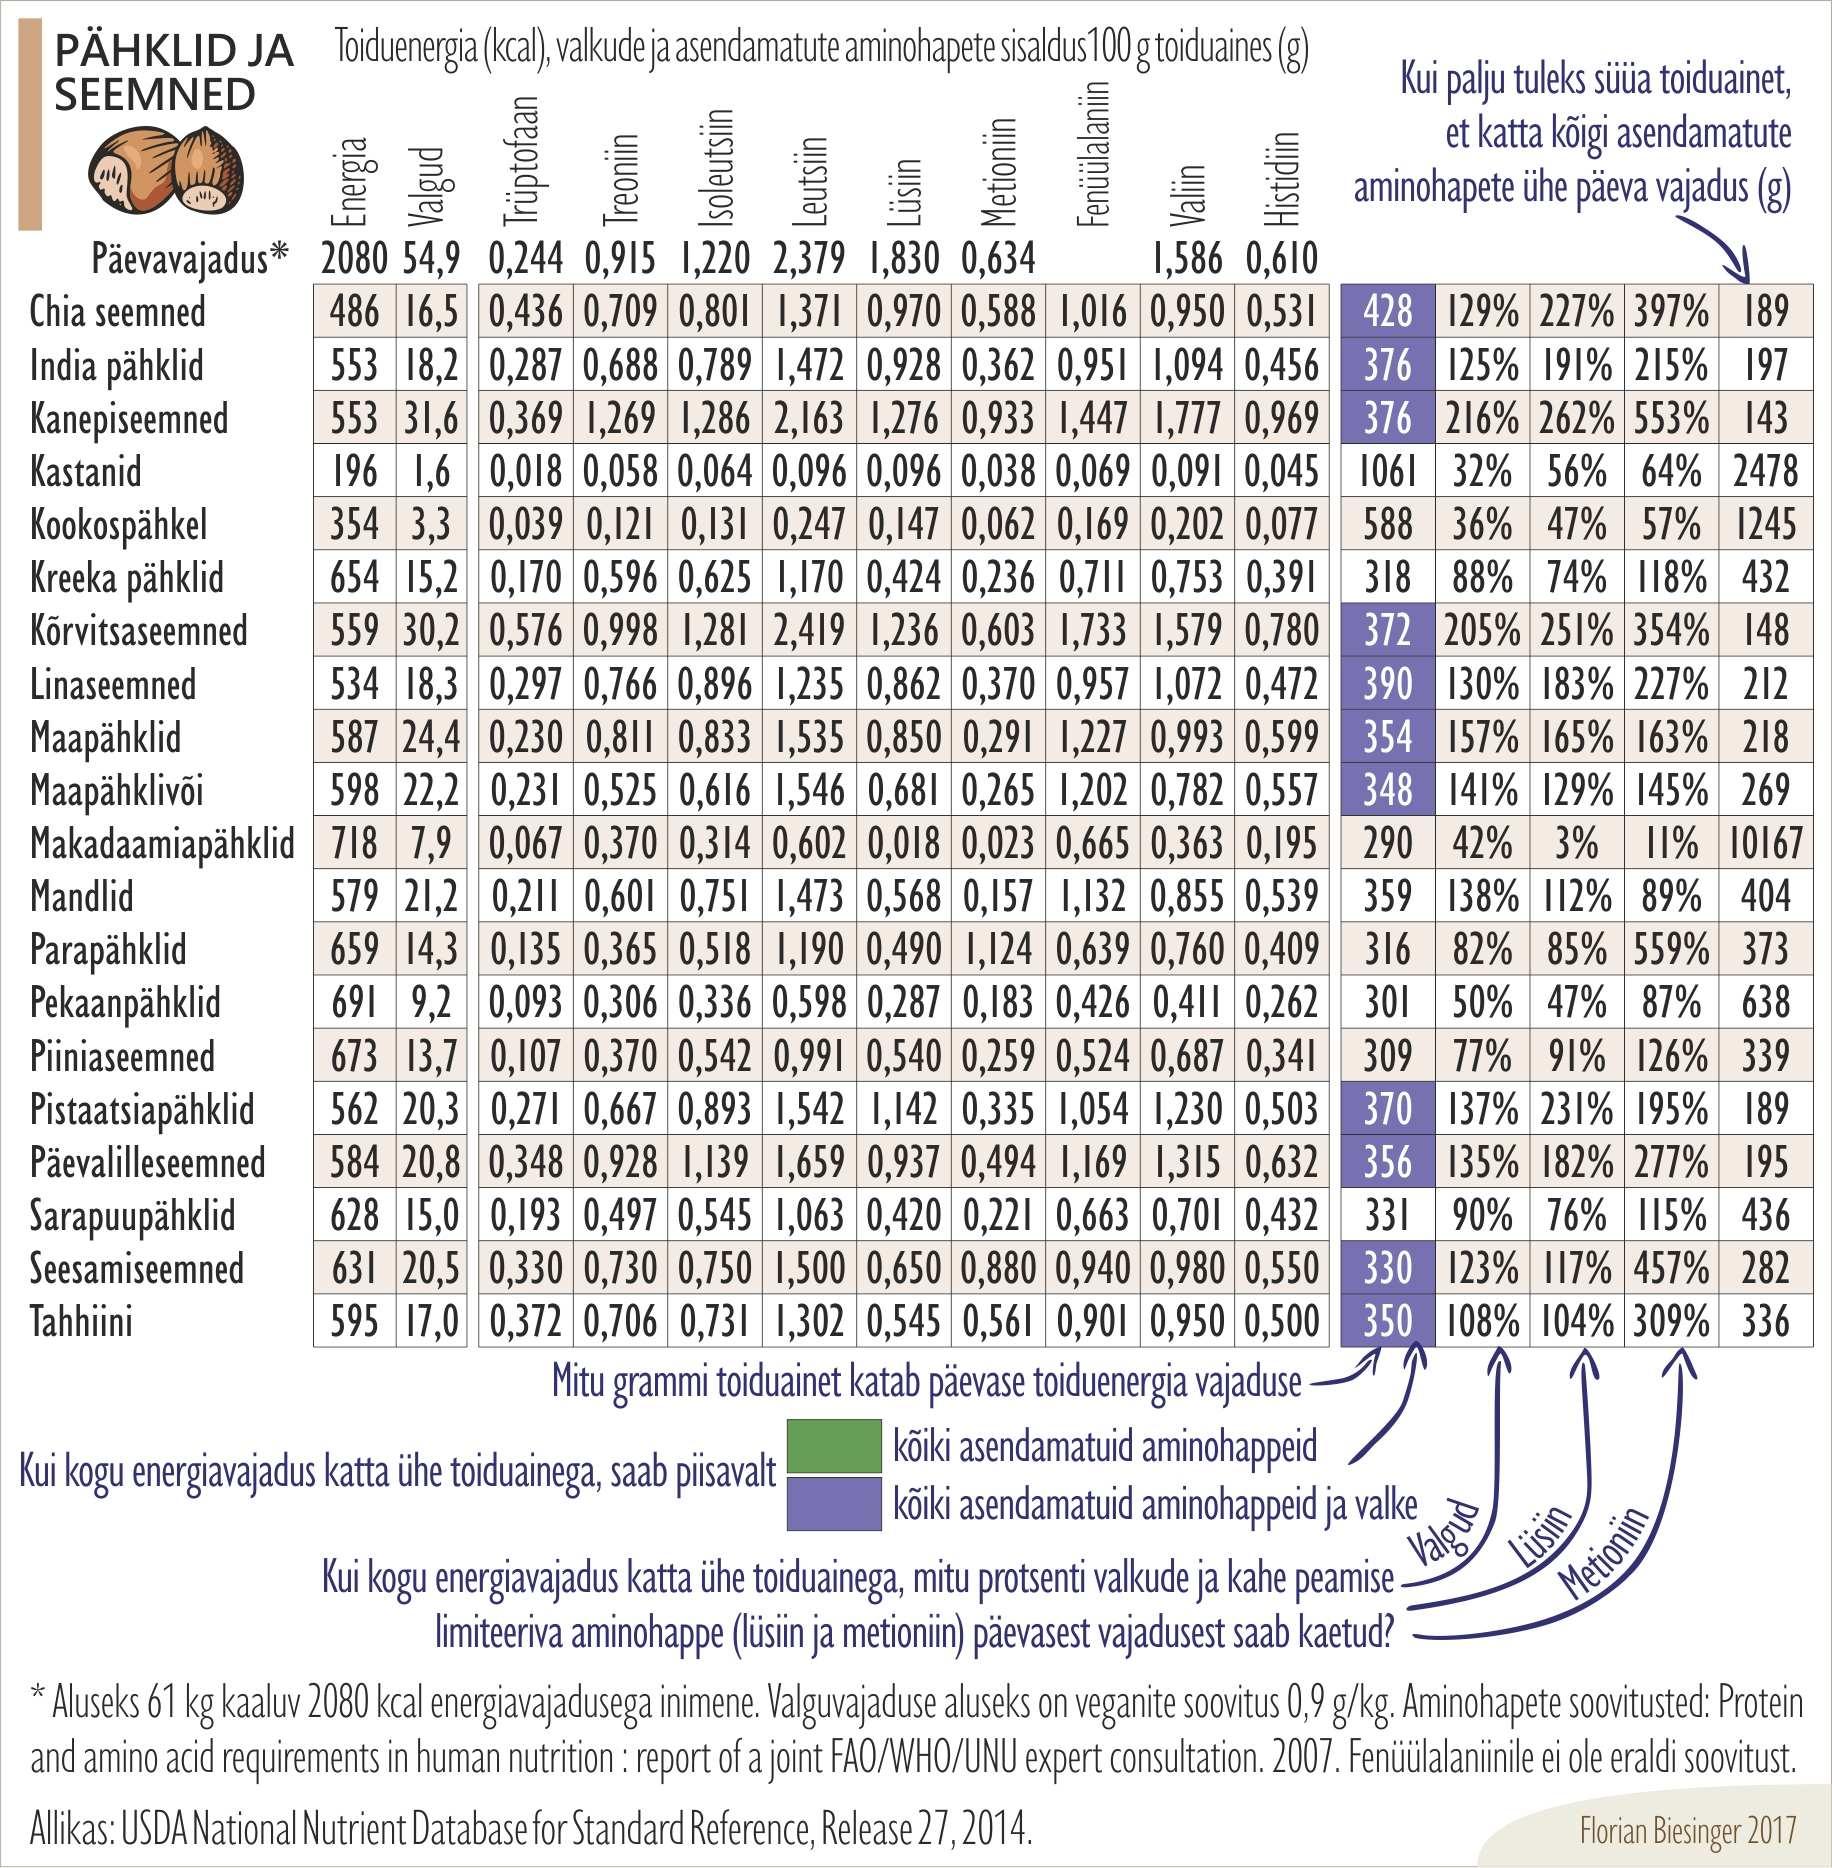 Asendamatud aminohapped - pähklid ja seemned